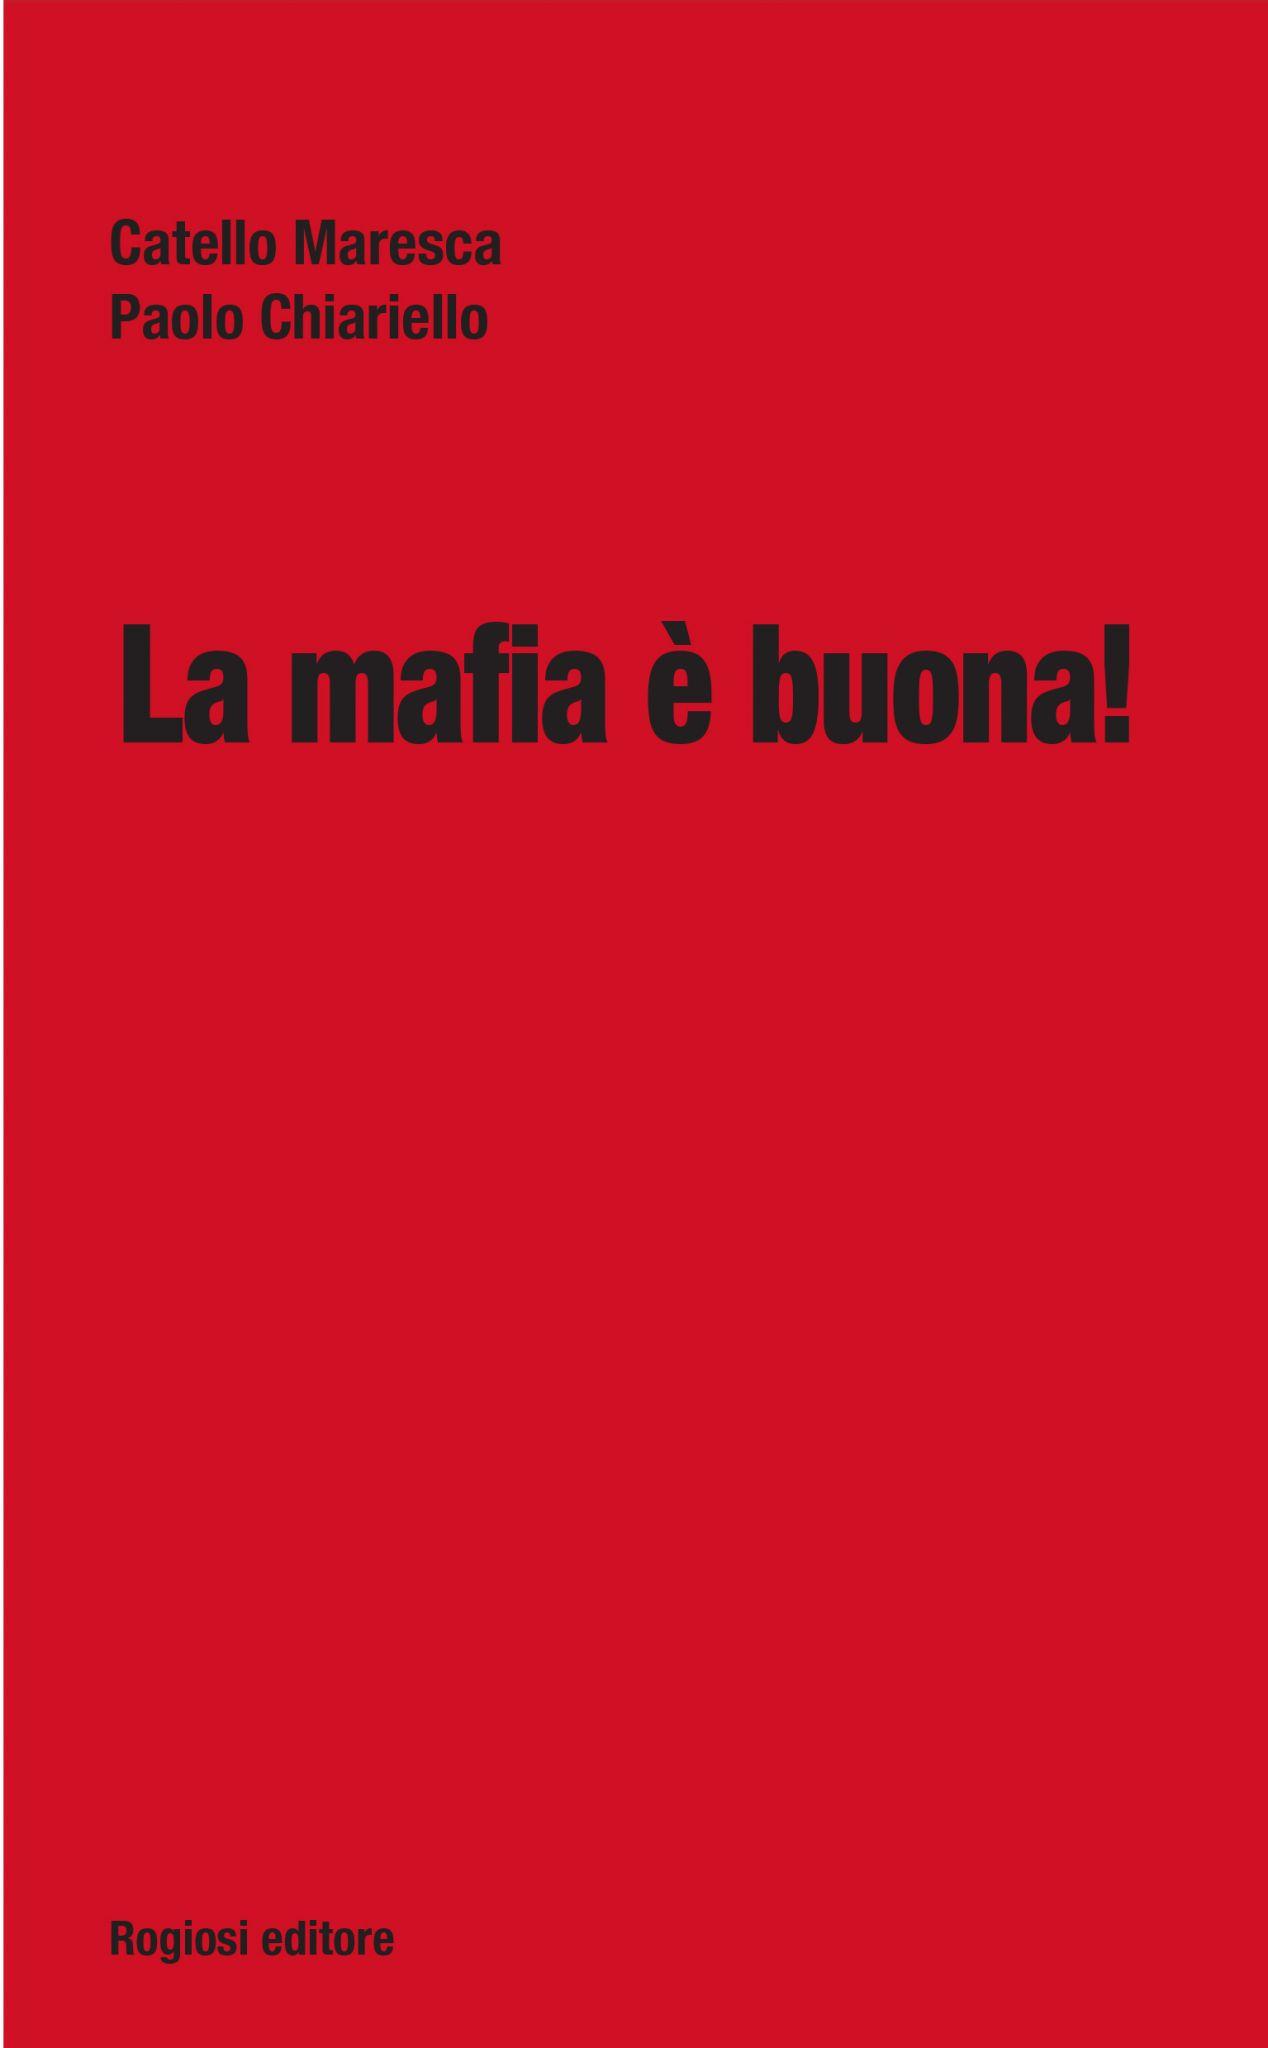 La mafia è buona copertina